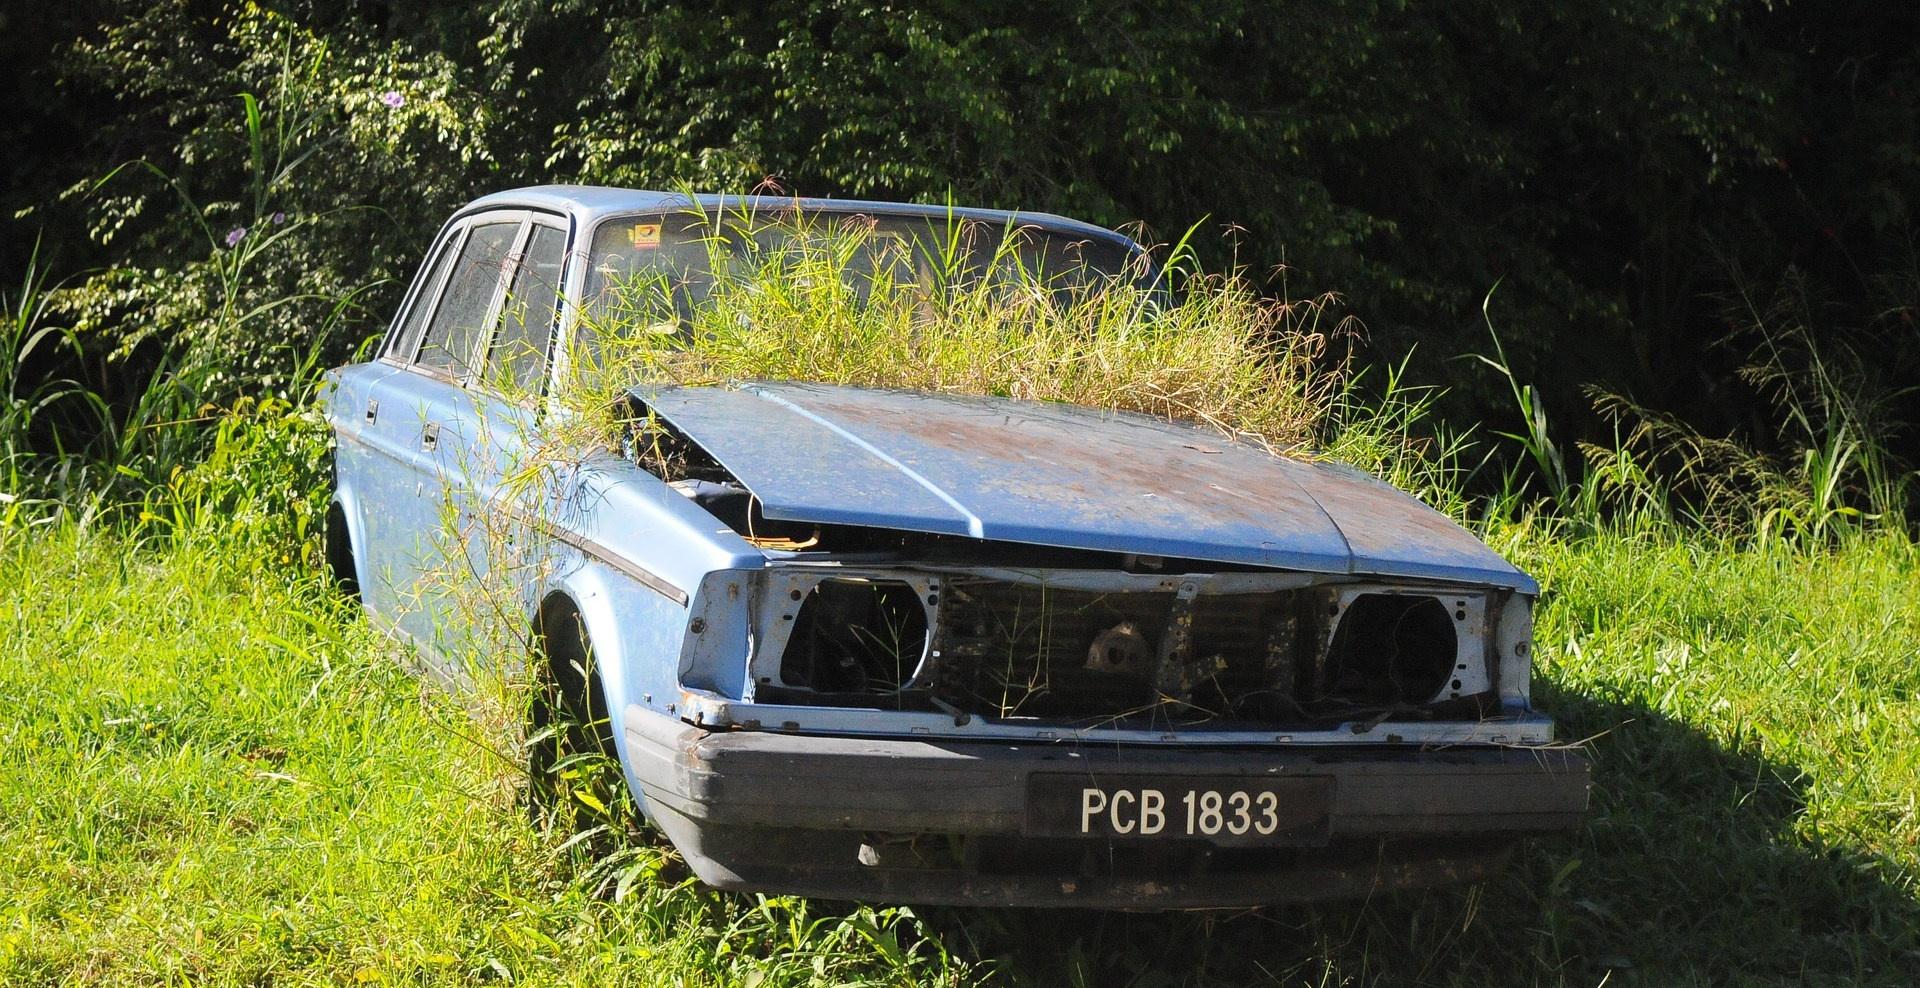 Prime de l'État à la conversion : Vieille voiture envahie par la nature